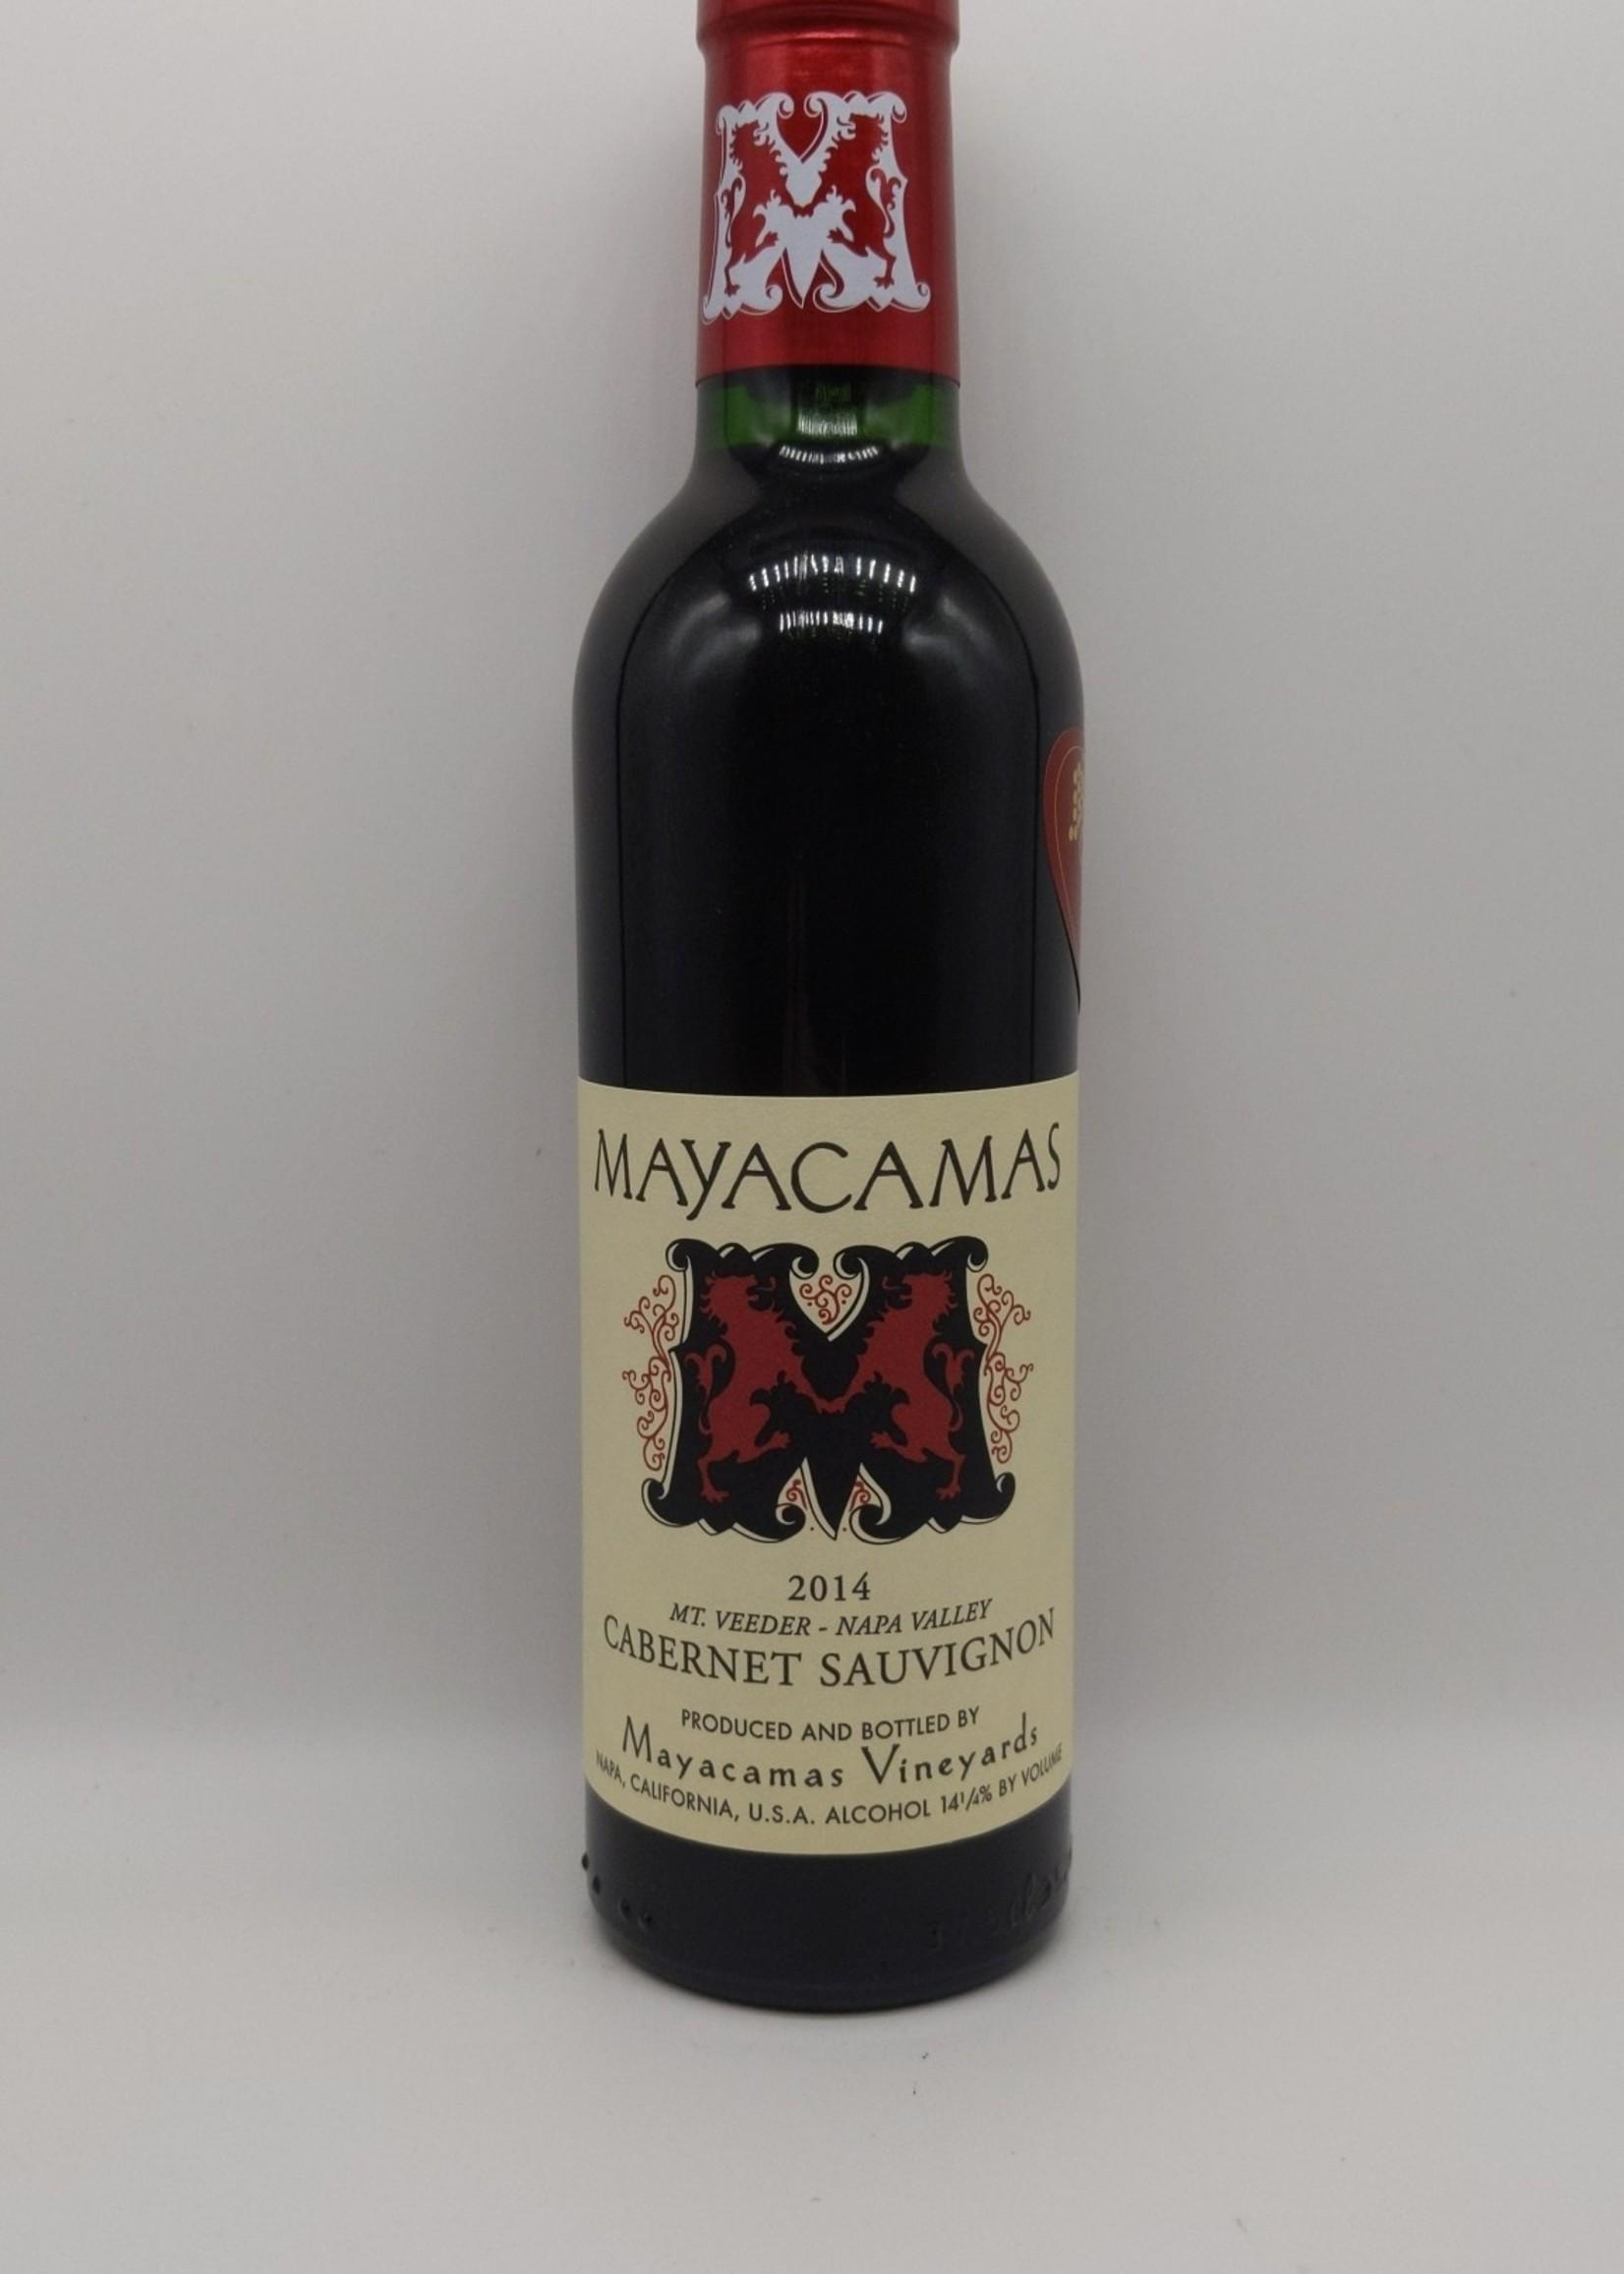 2014 MAYACAMAS CABERNET SAUVIGNON 375ml